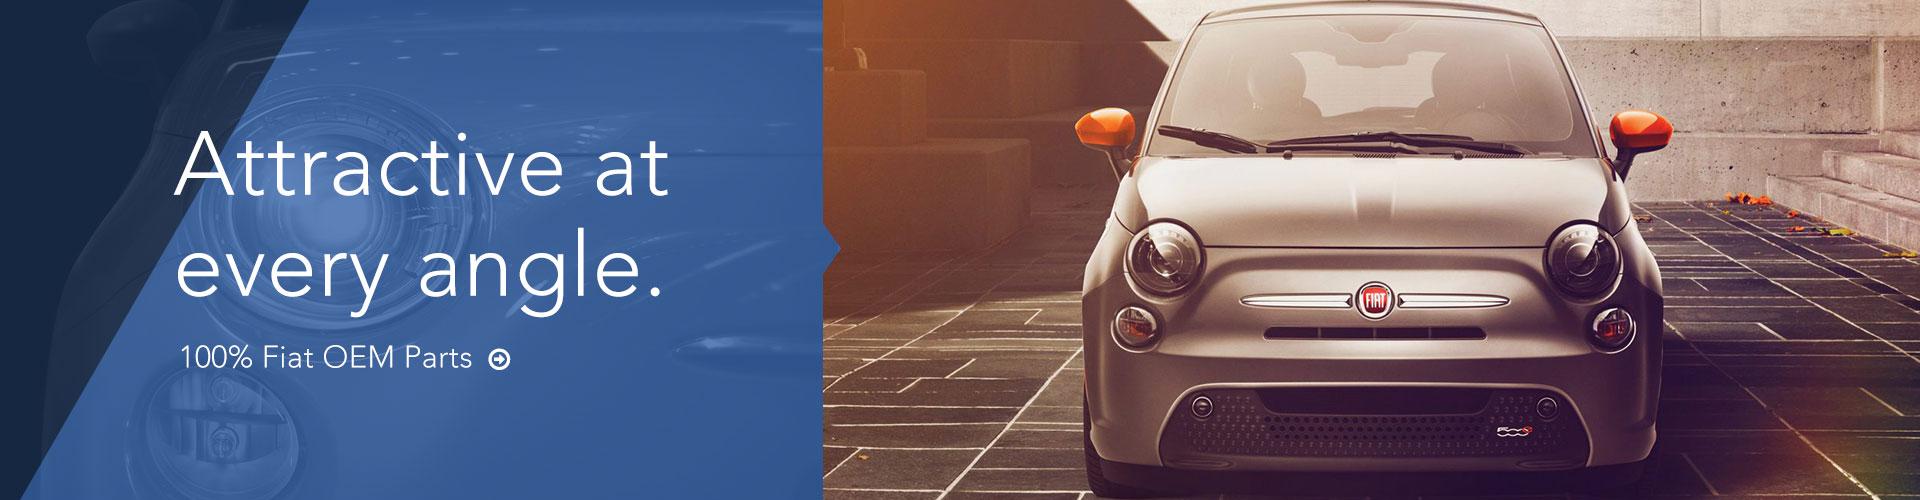 Fiat OEM Parts